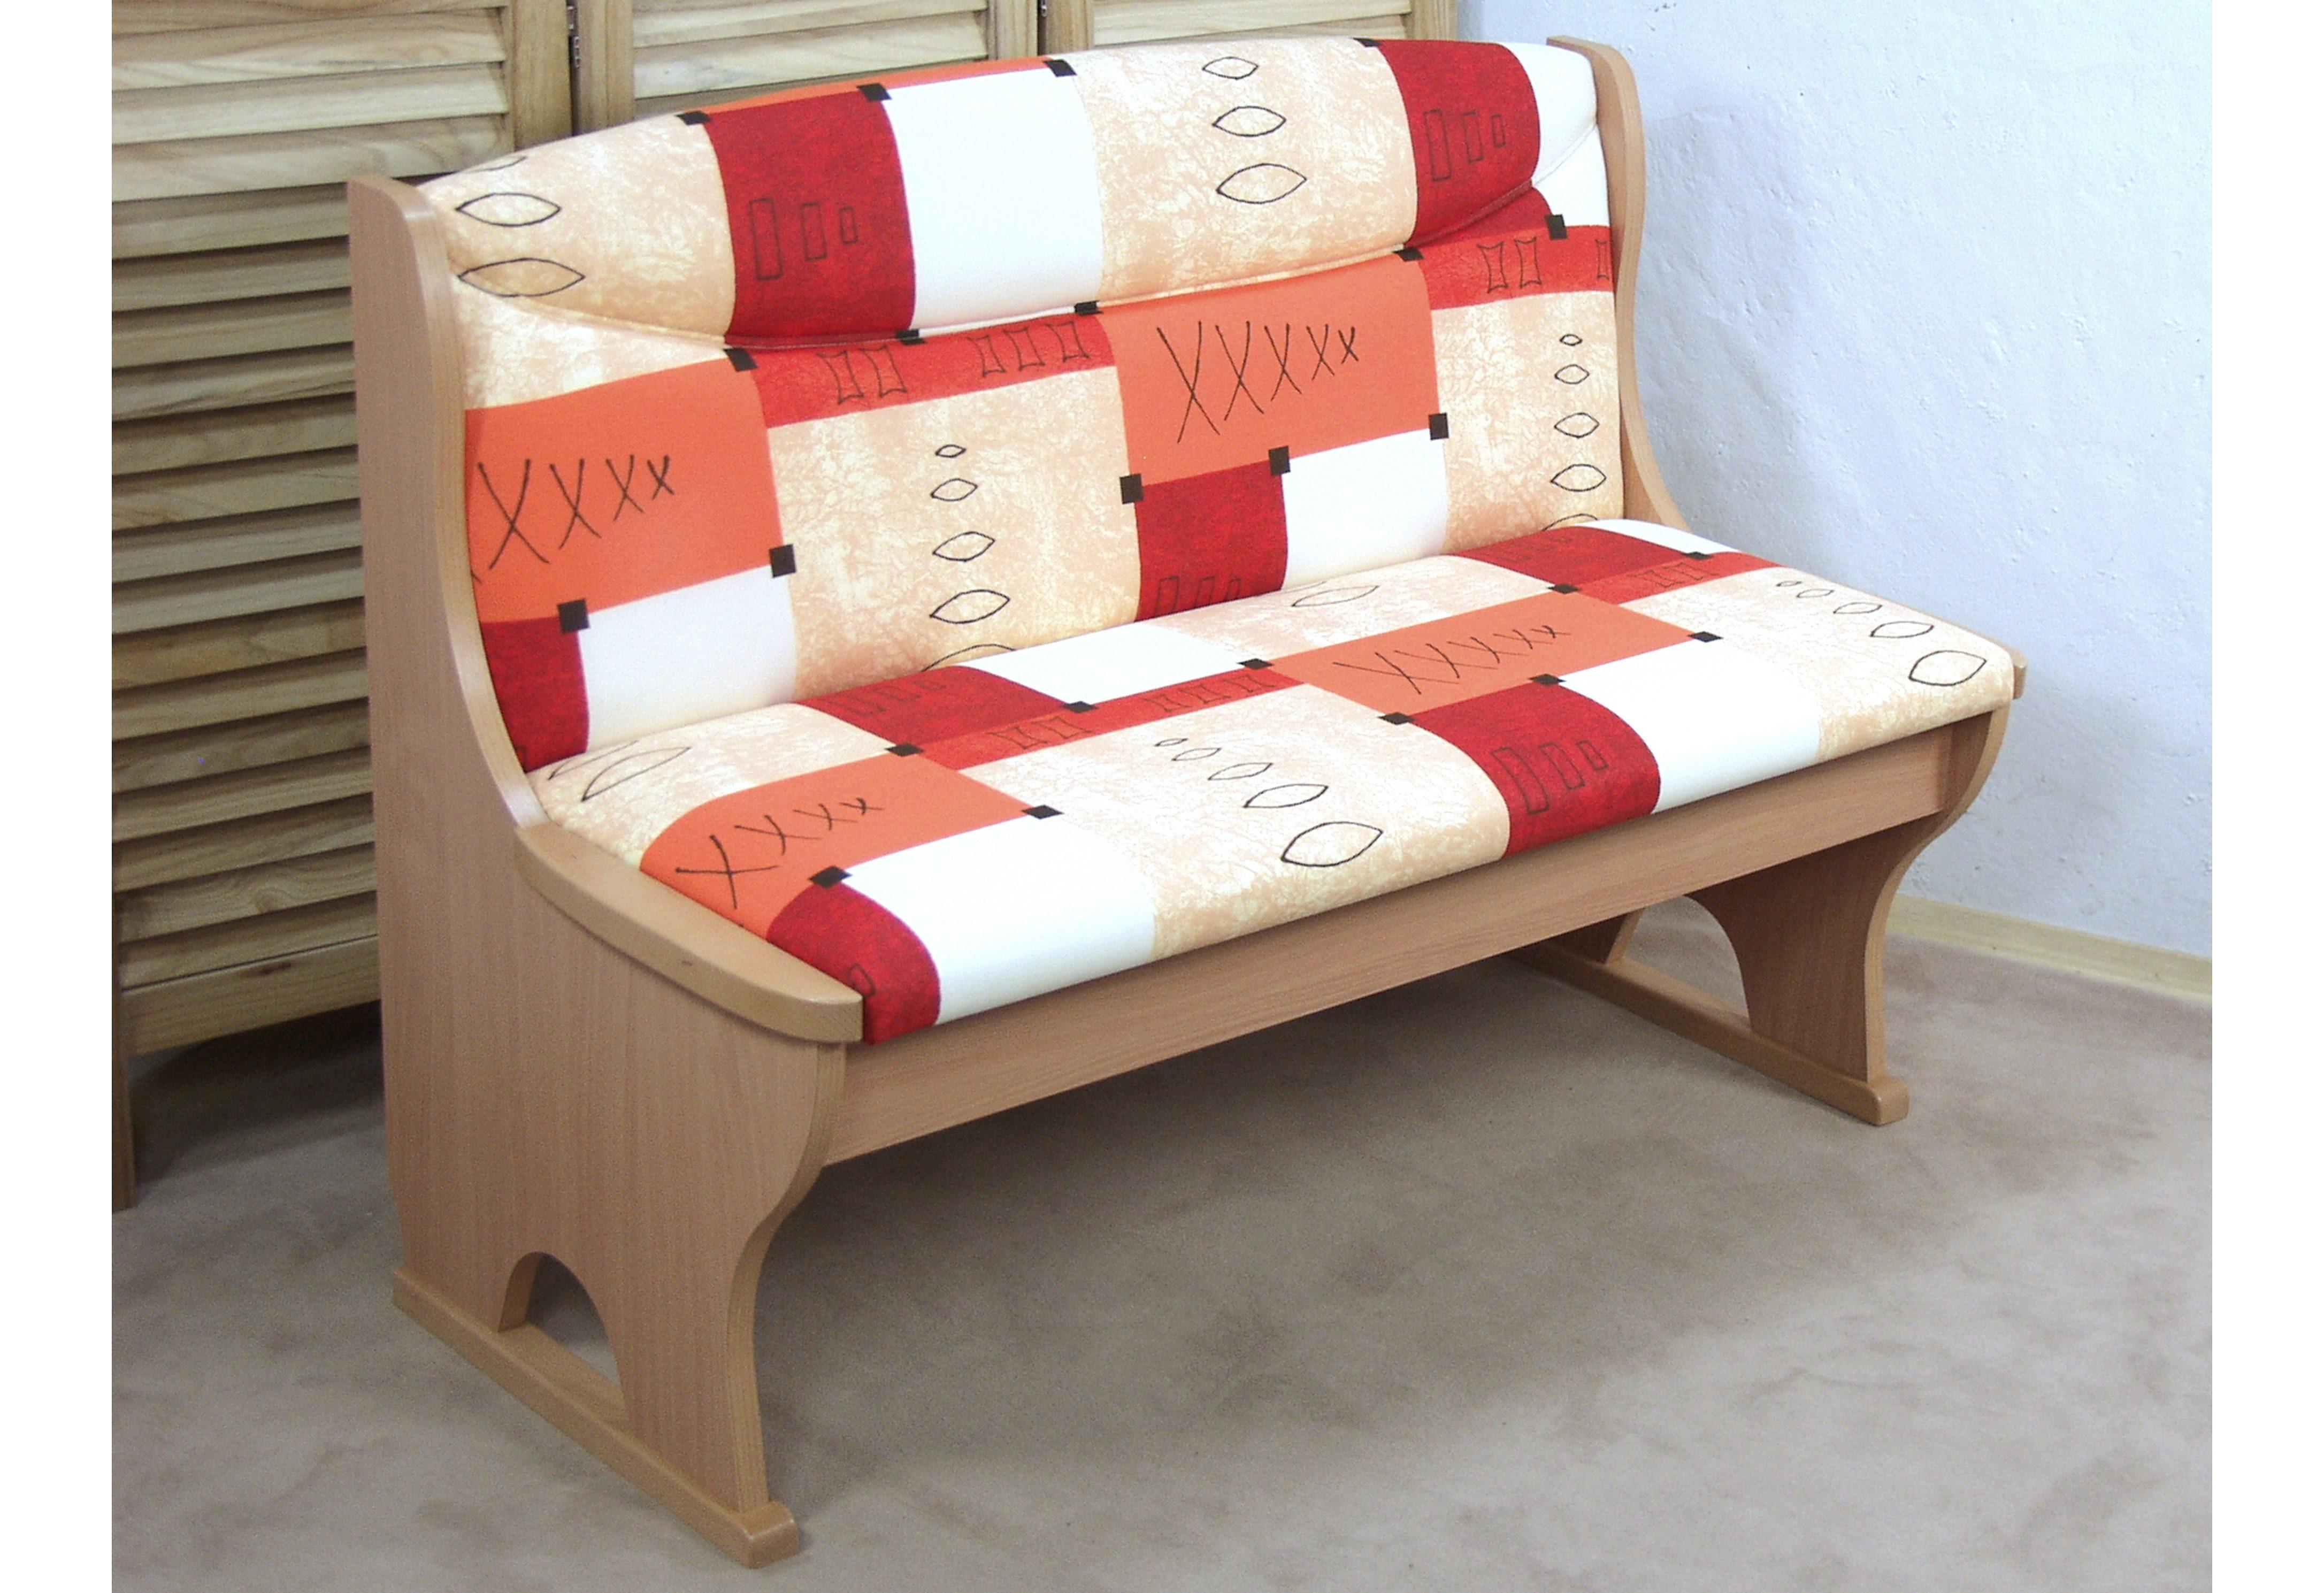 Sitztruhe Madrid Wohnen/Möbel/Stühle & Sitzbänke/Sitzbänke/Essbänke